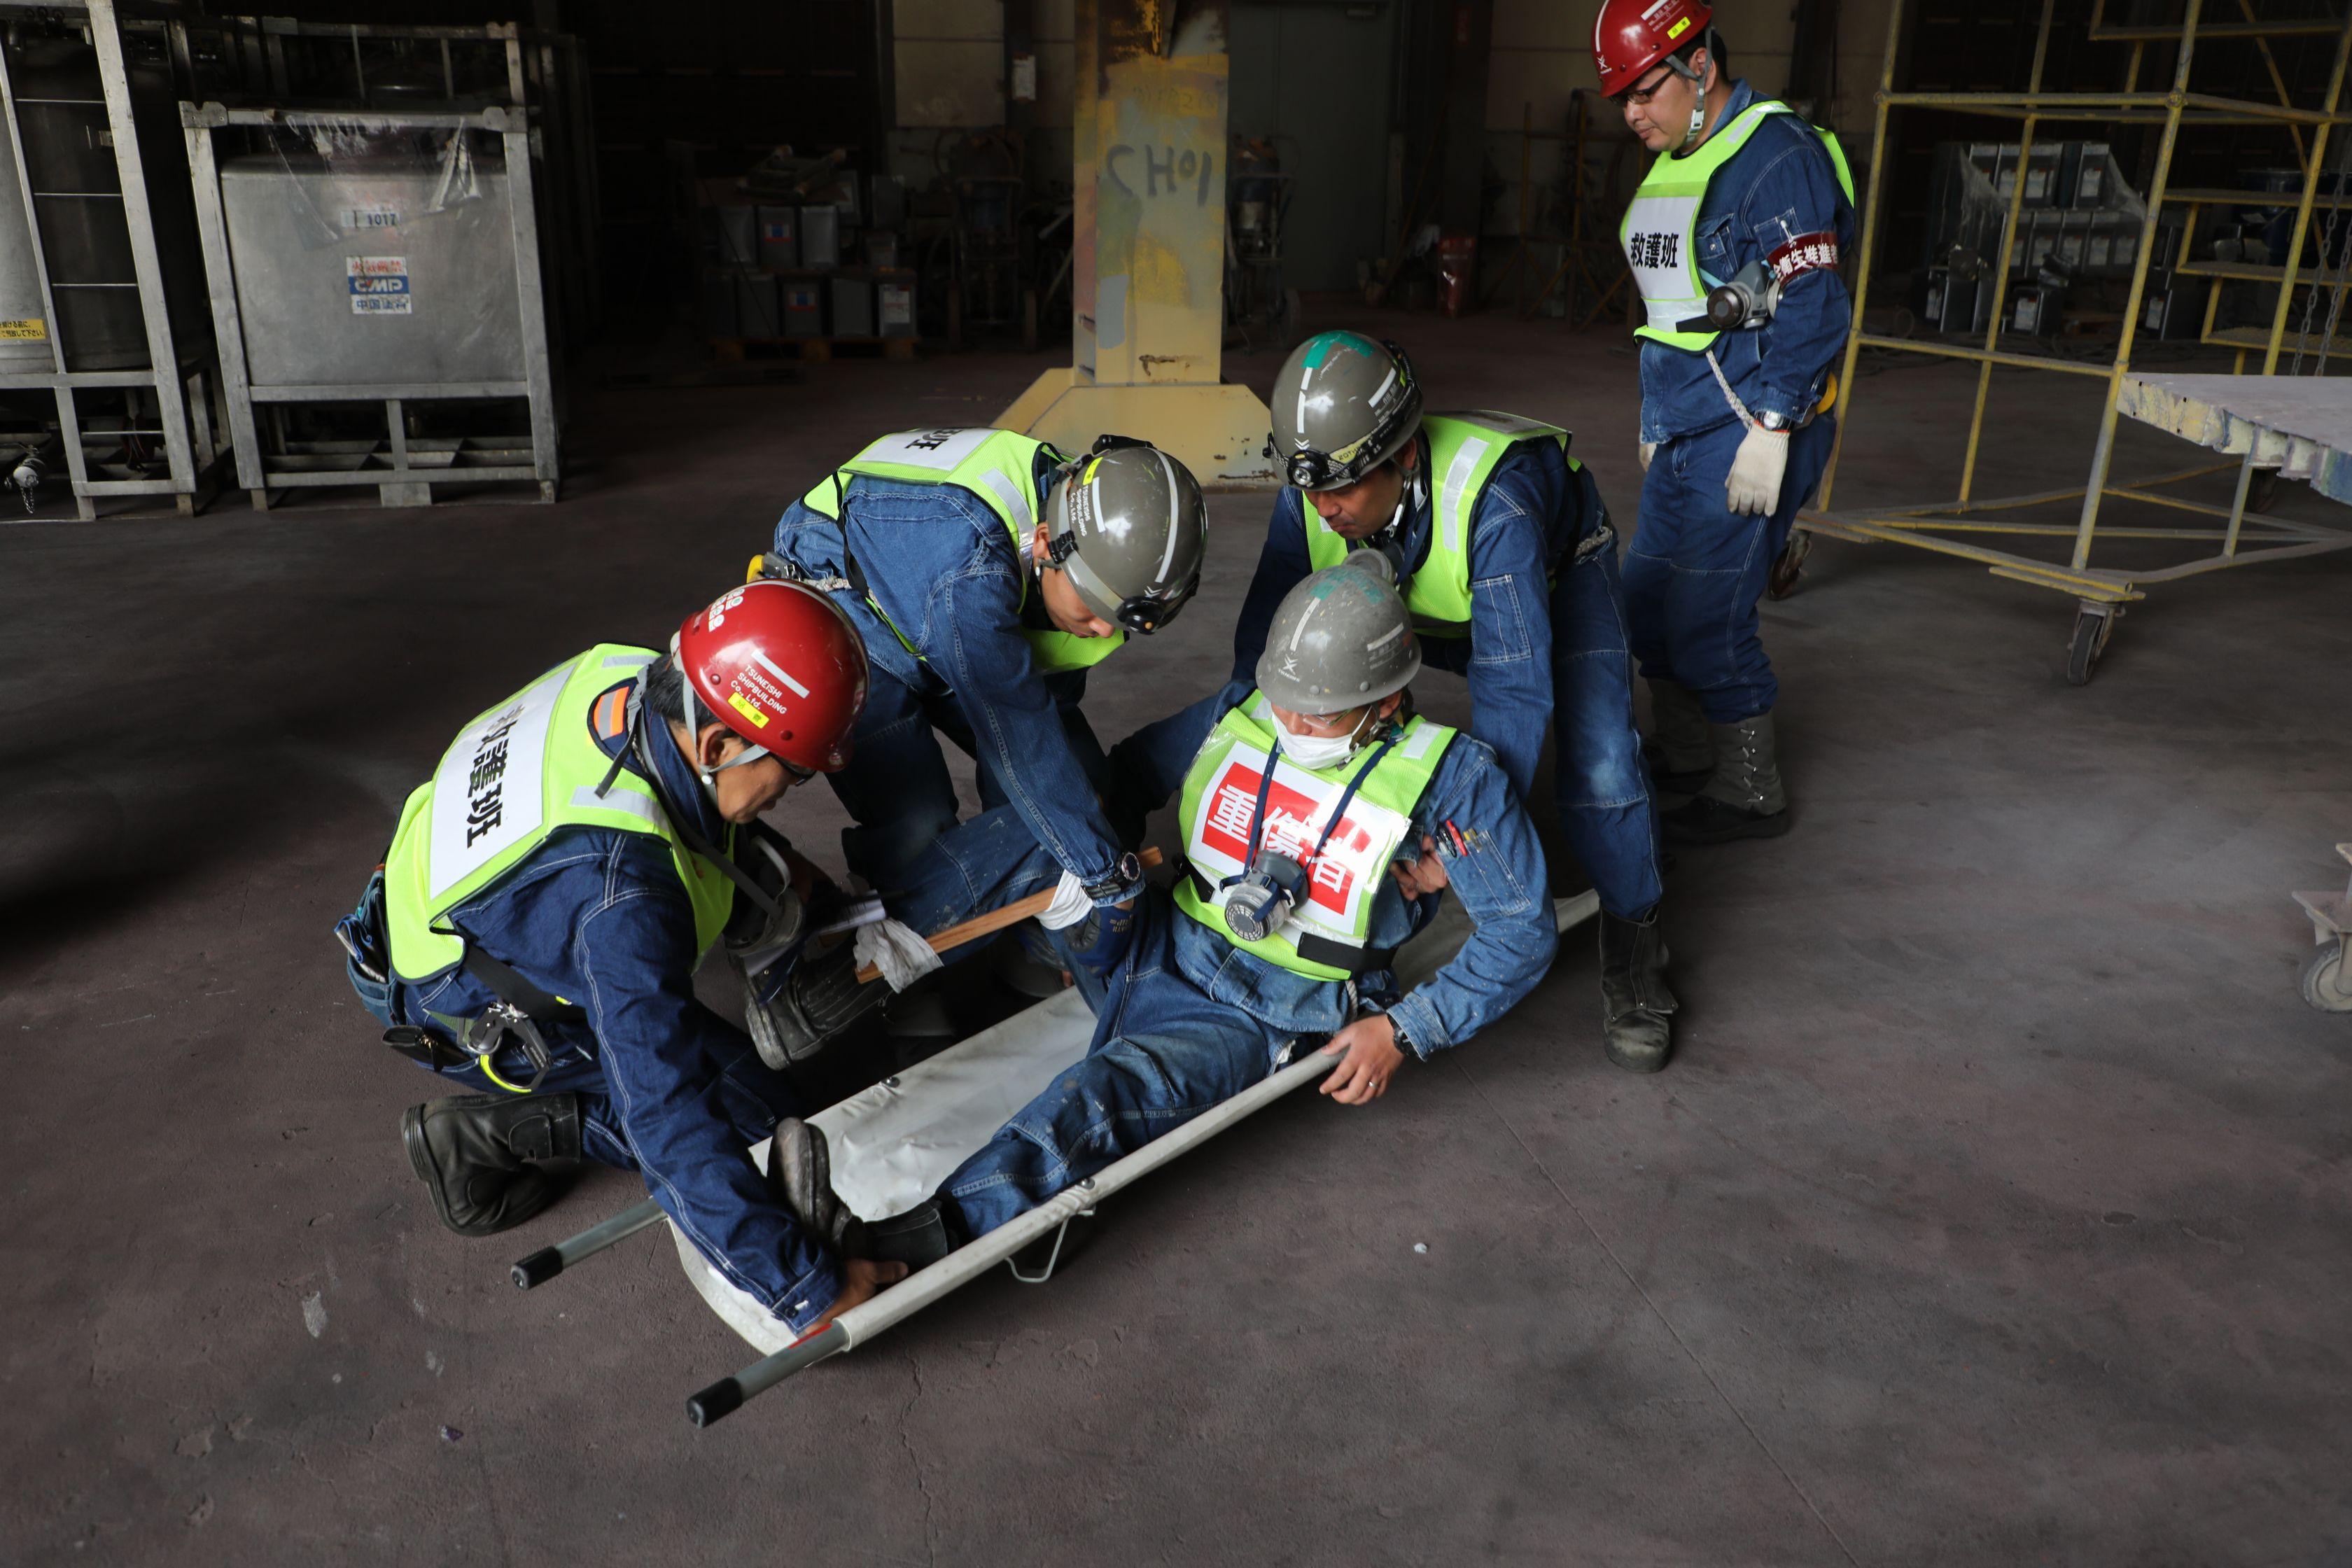 重傷者の救護